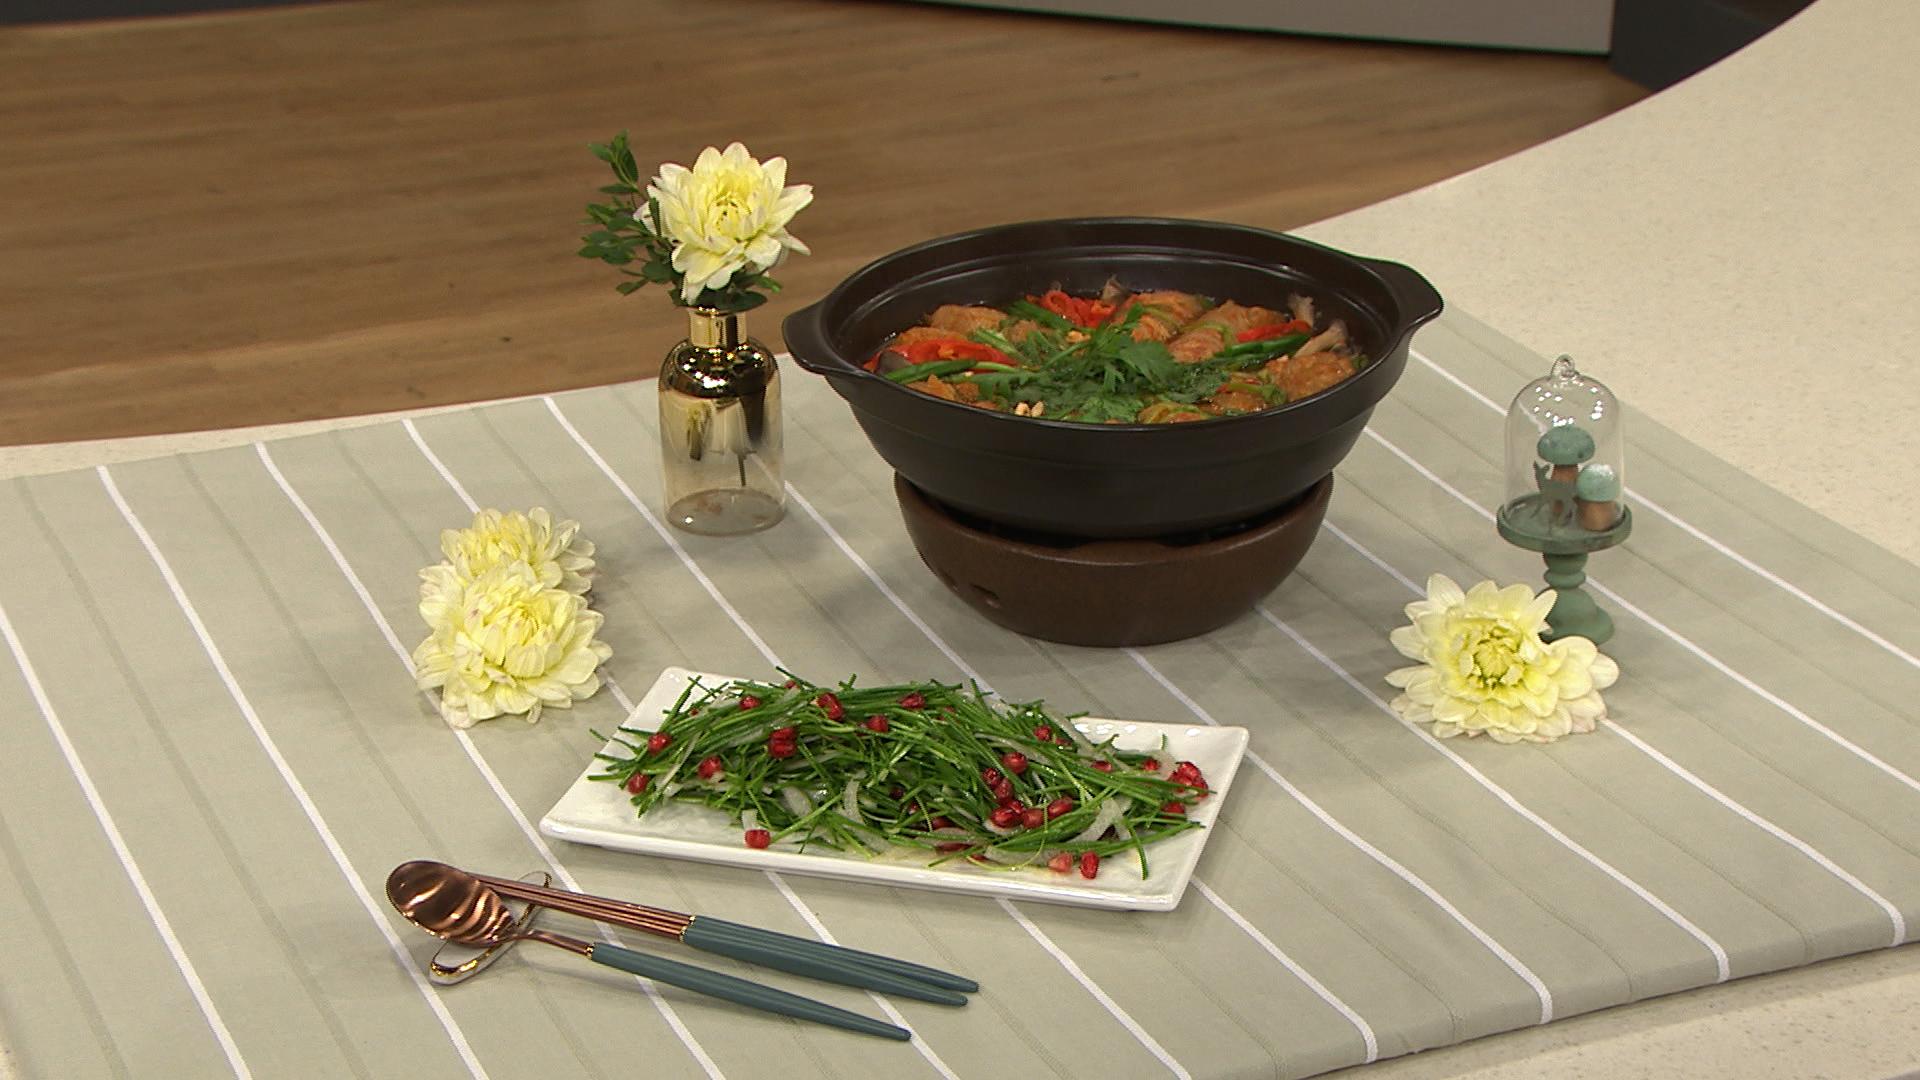 최고의 요리비결 - 최진흔의 김치떡말이전골과 부추양파무침